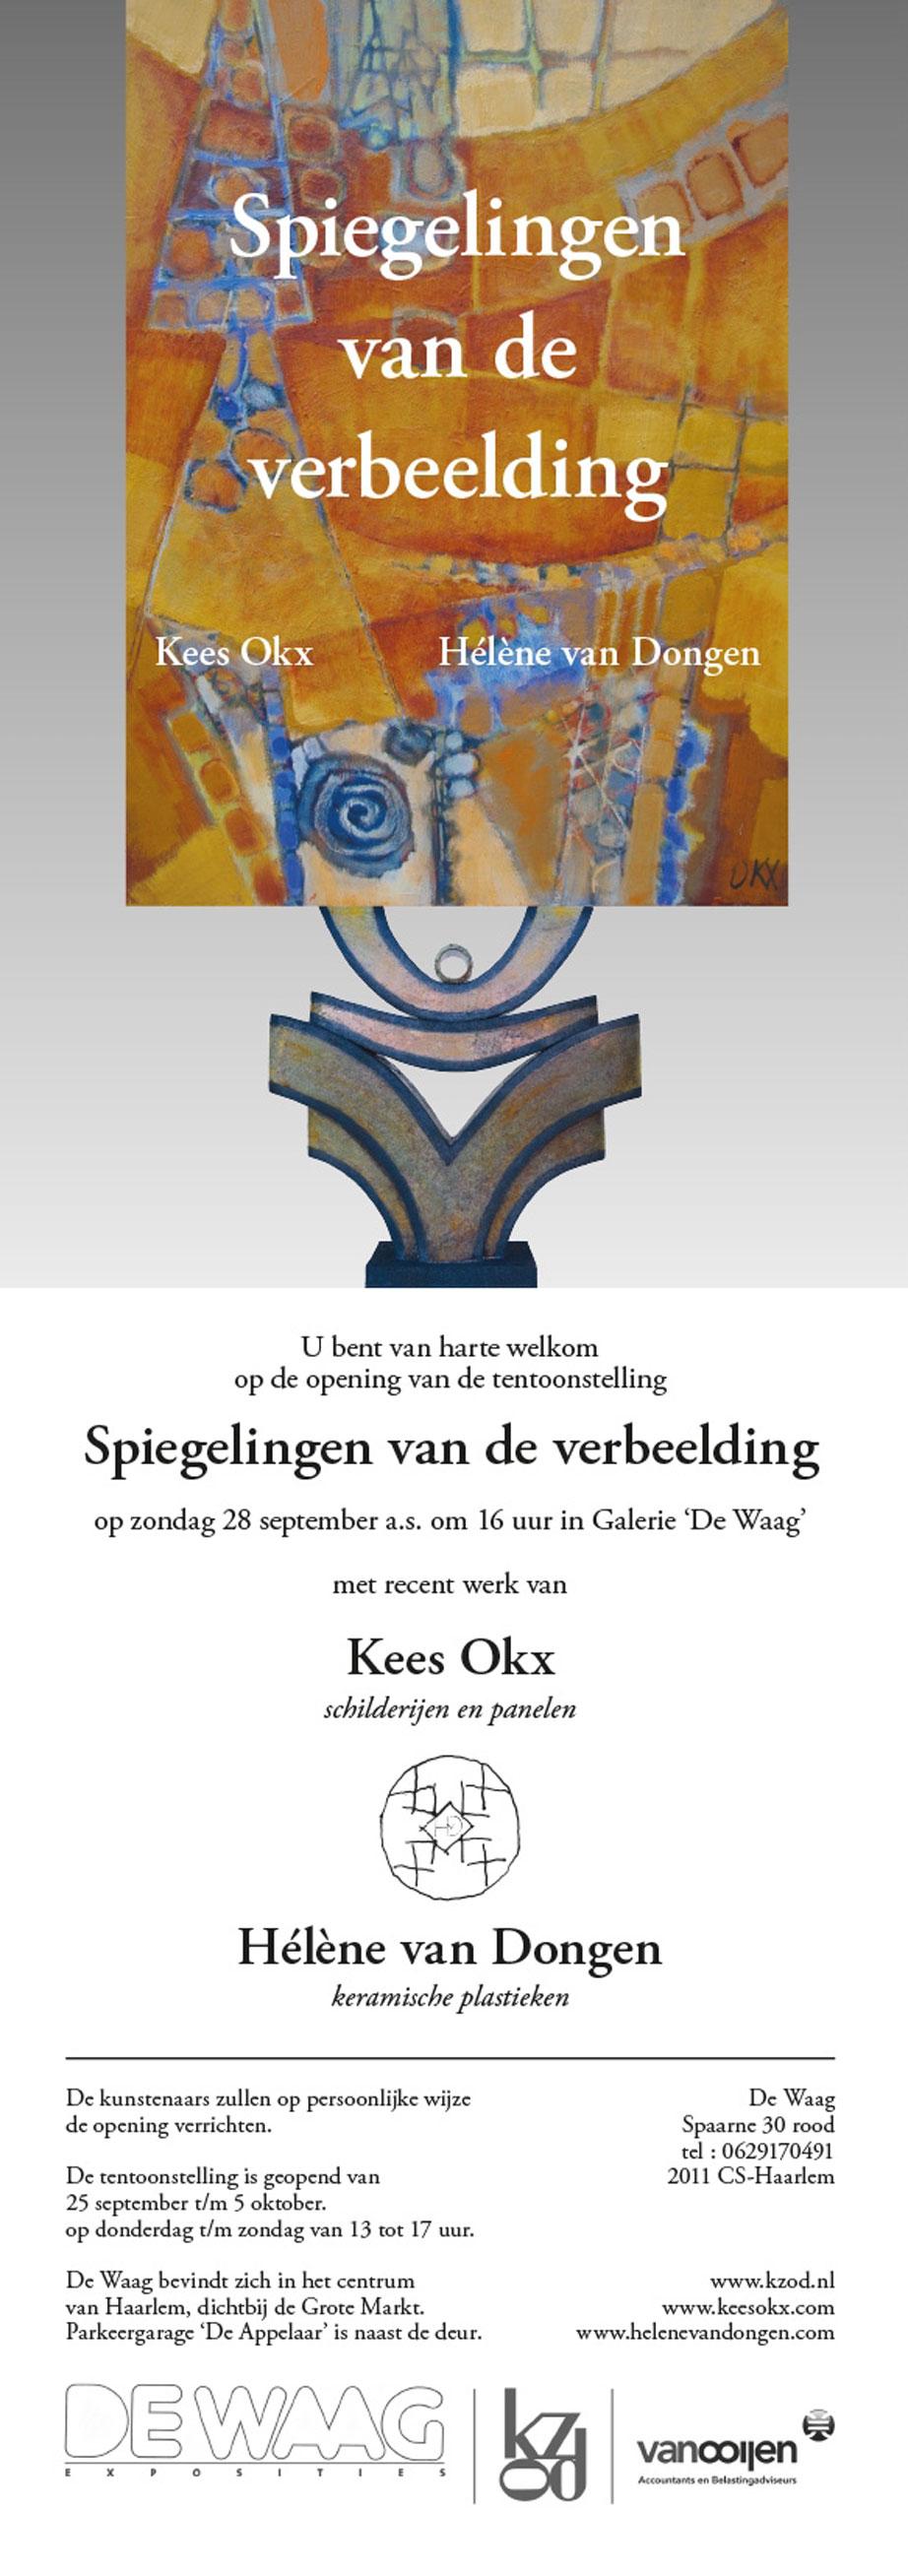 Kees-Okx-en-Helene-van-Dongen-expositie-De-Waag-2014